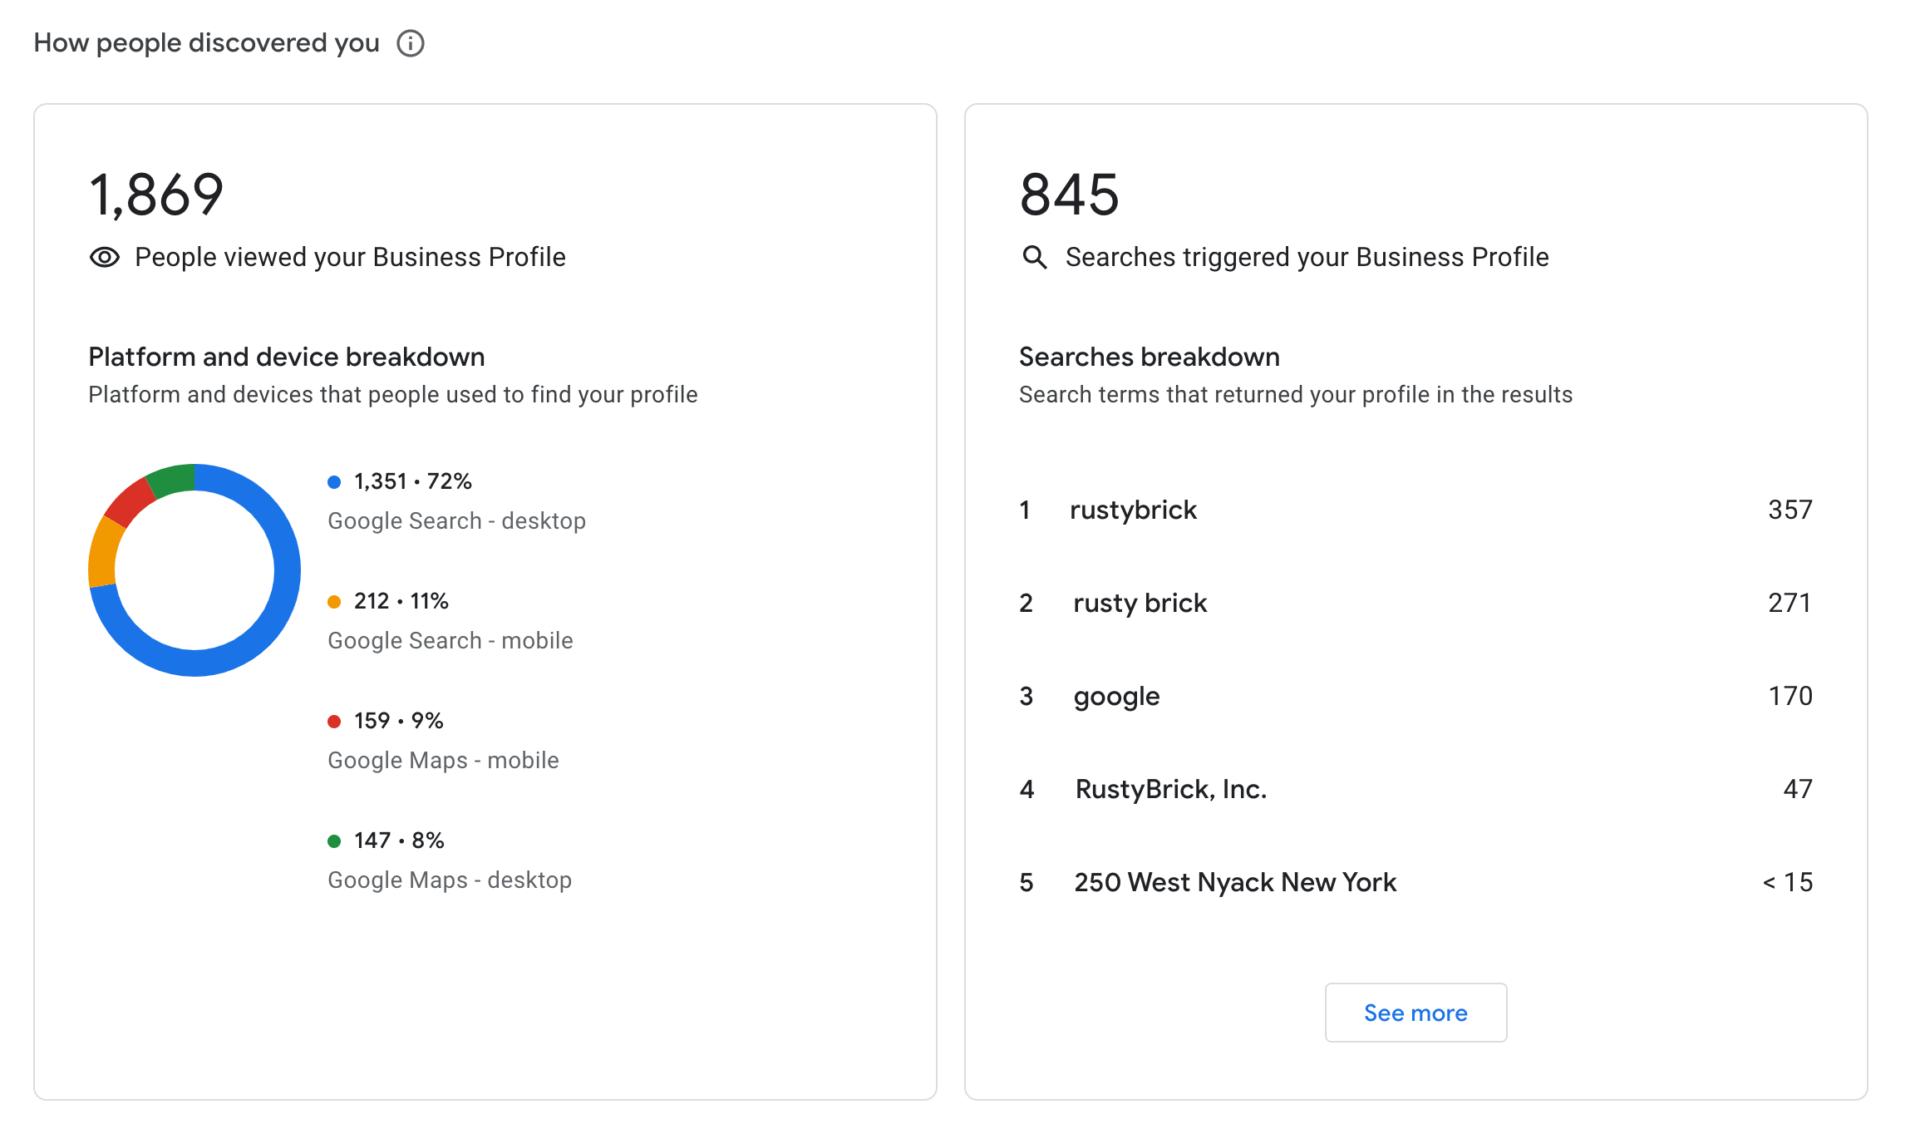 El informe de Google My Business muestra cómo las personas encontraron su empresa